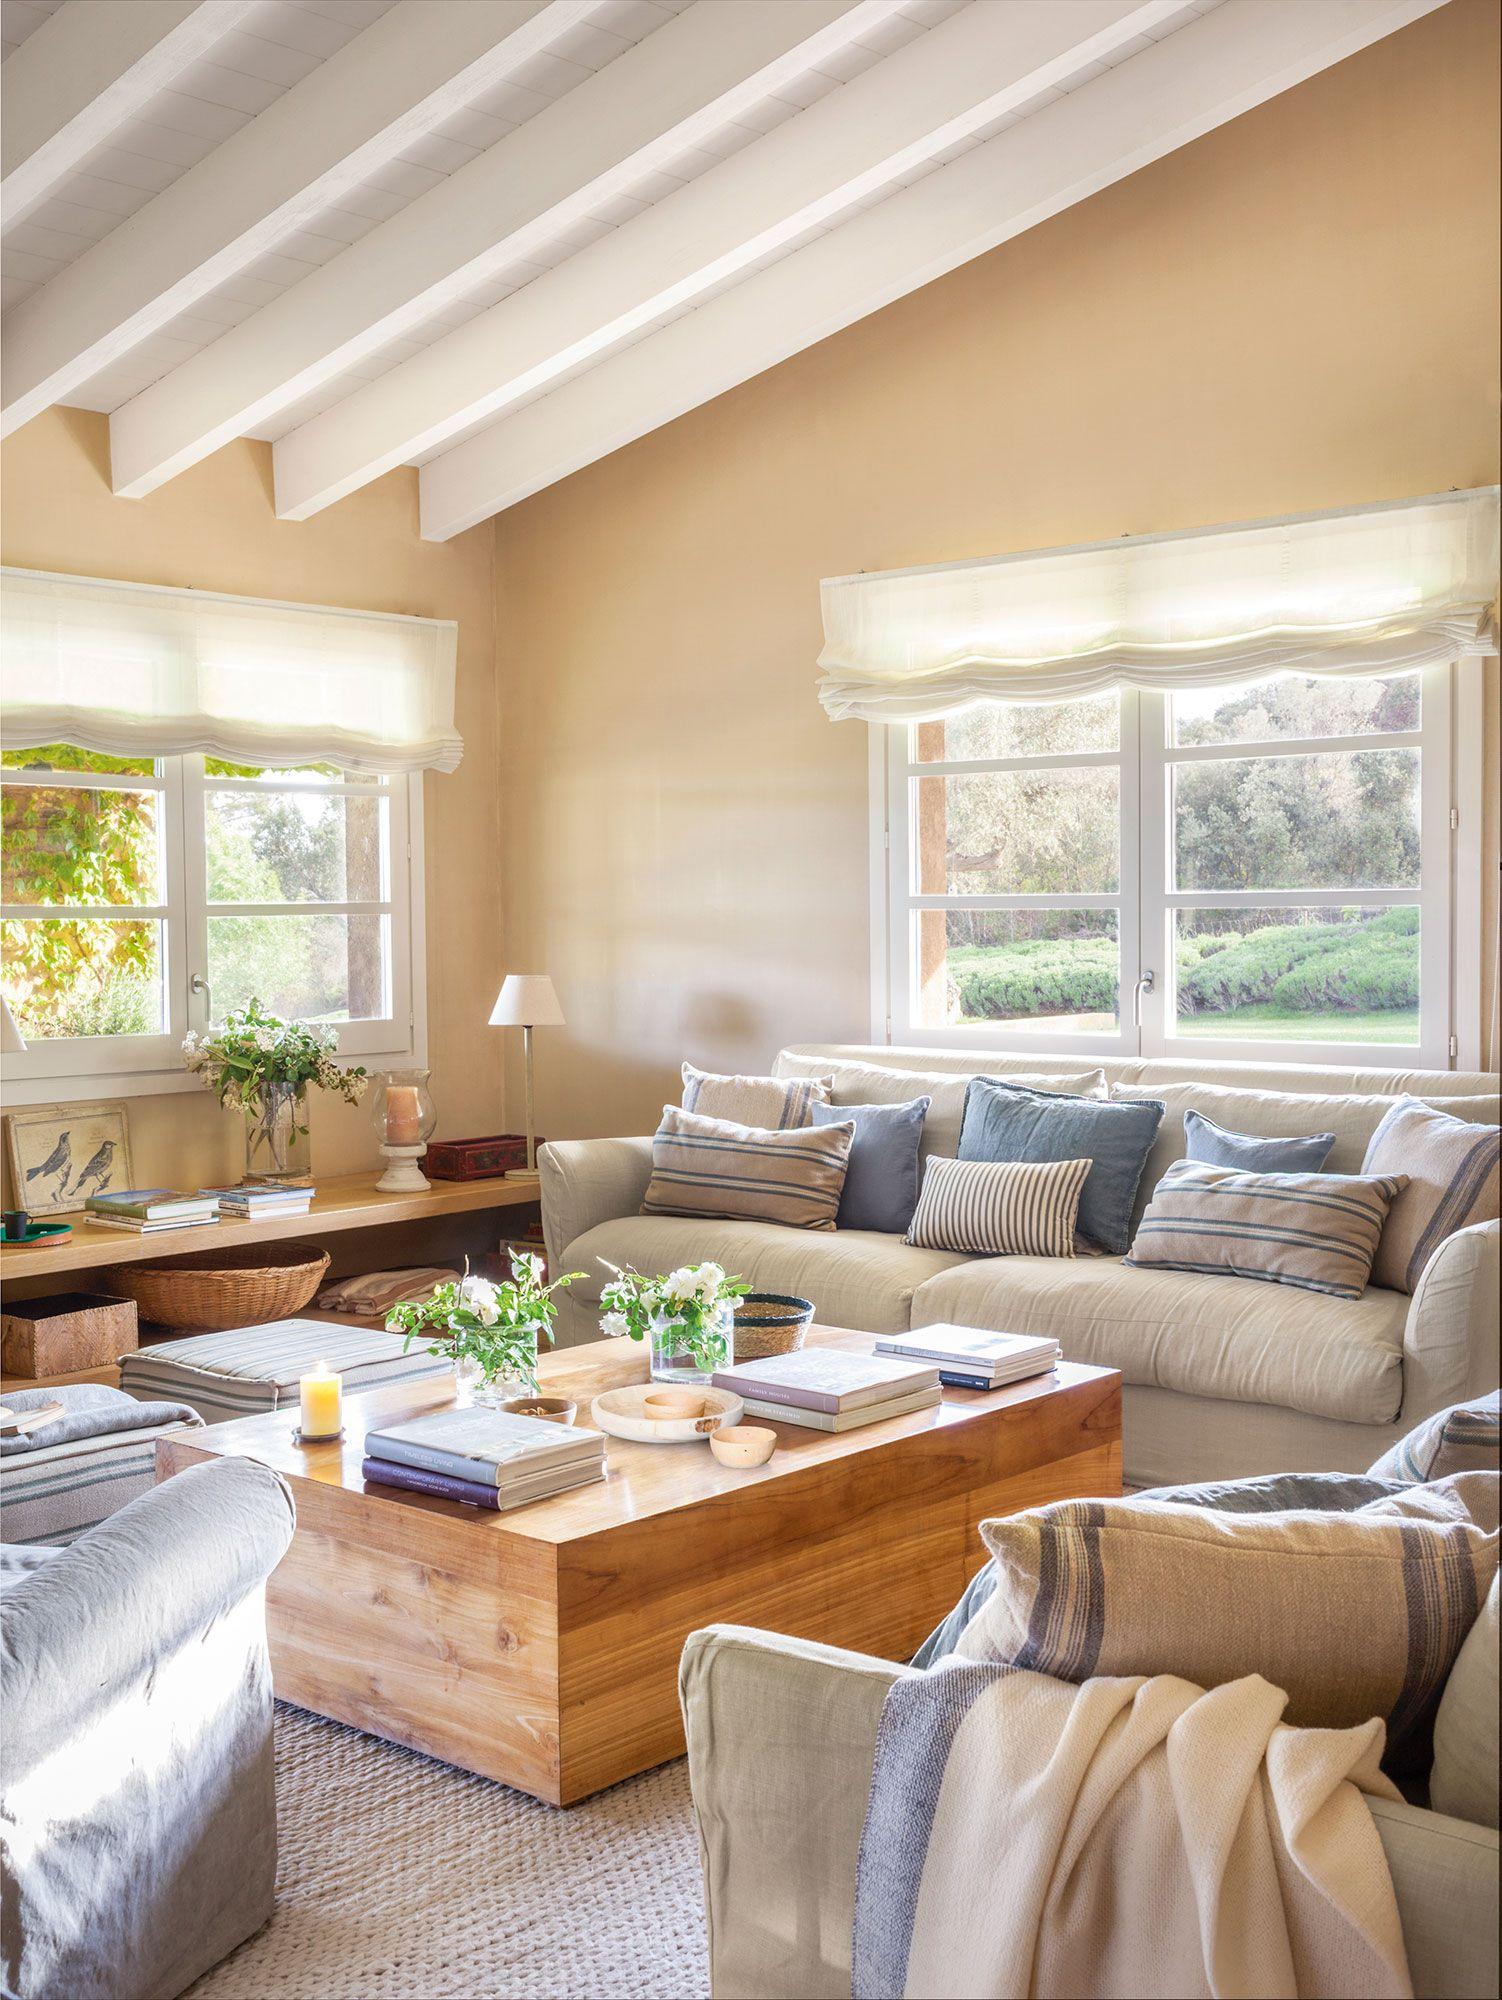 De sofá soso a sofá mullido y apetecible | ideas | Decoración de ...